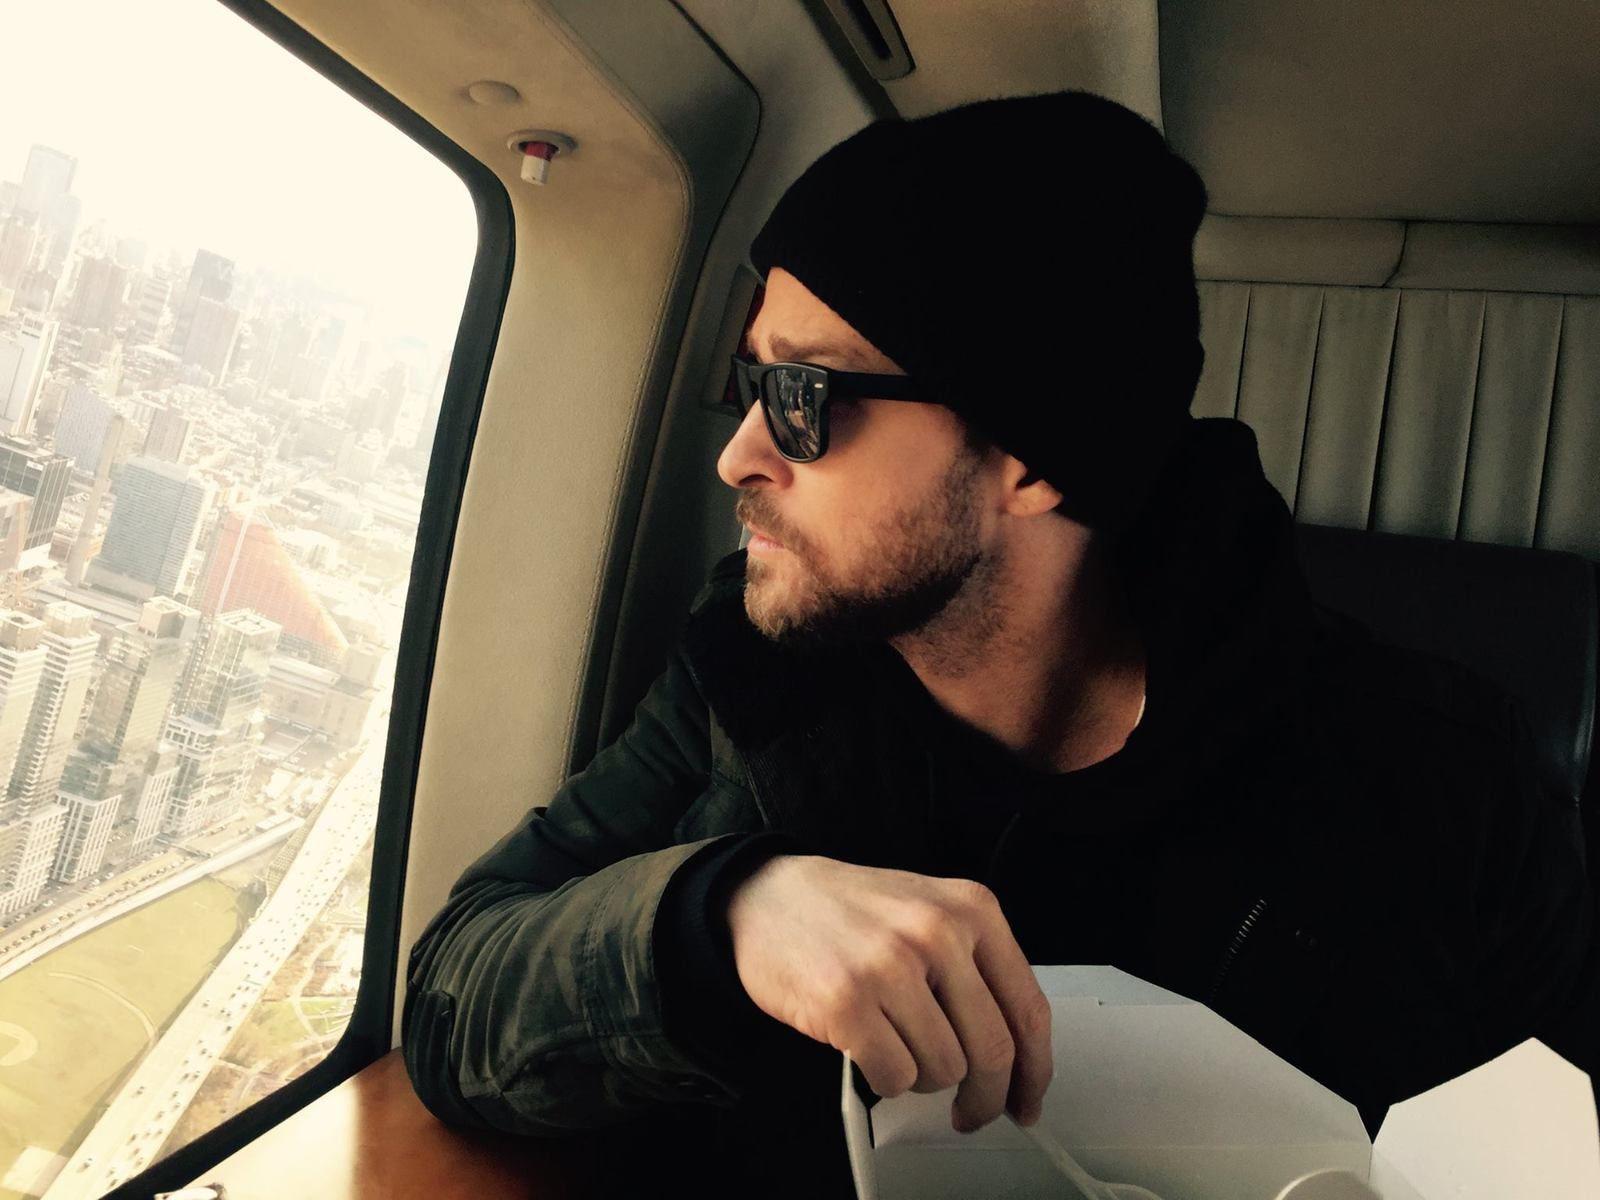 Vidéos: The 20/20 World Tour à Brooklyn et une balade en hélicoptère